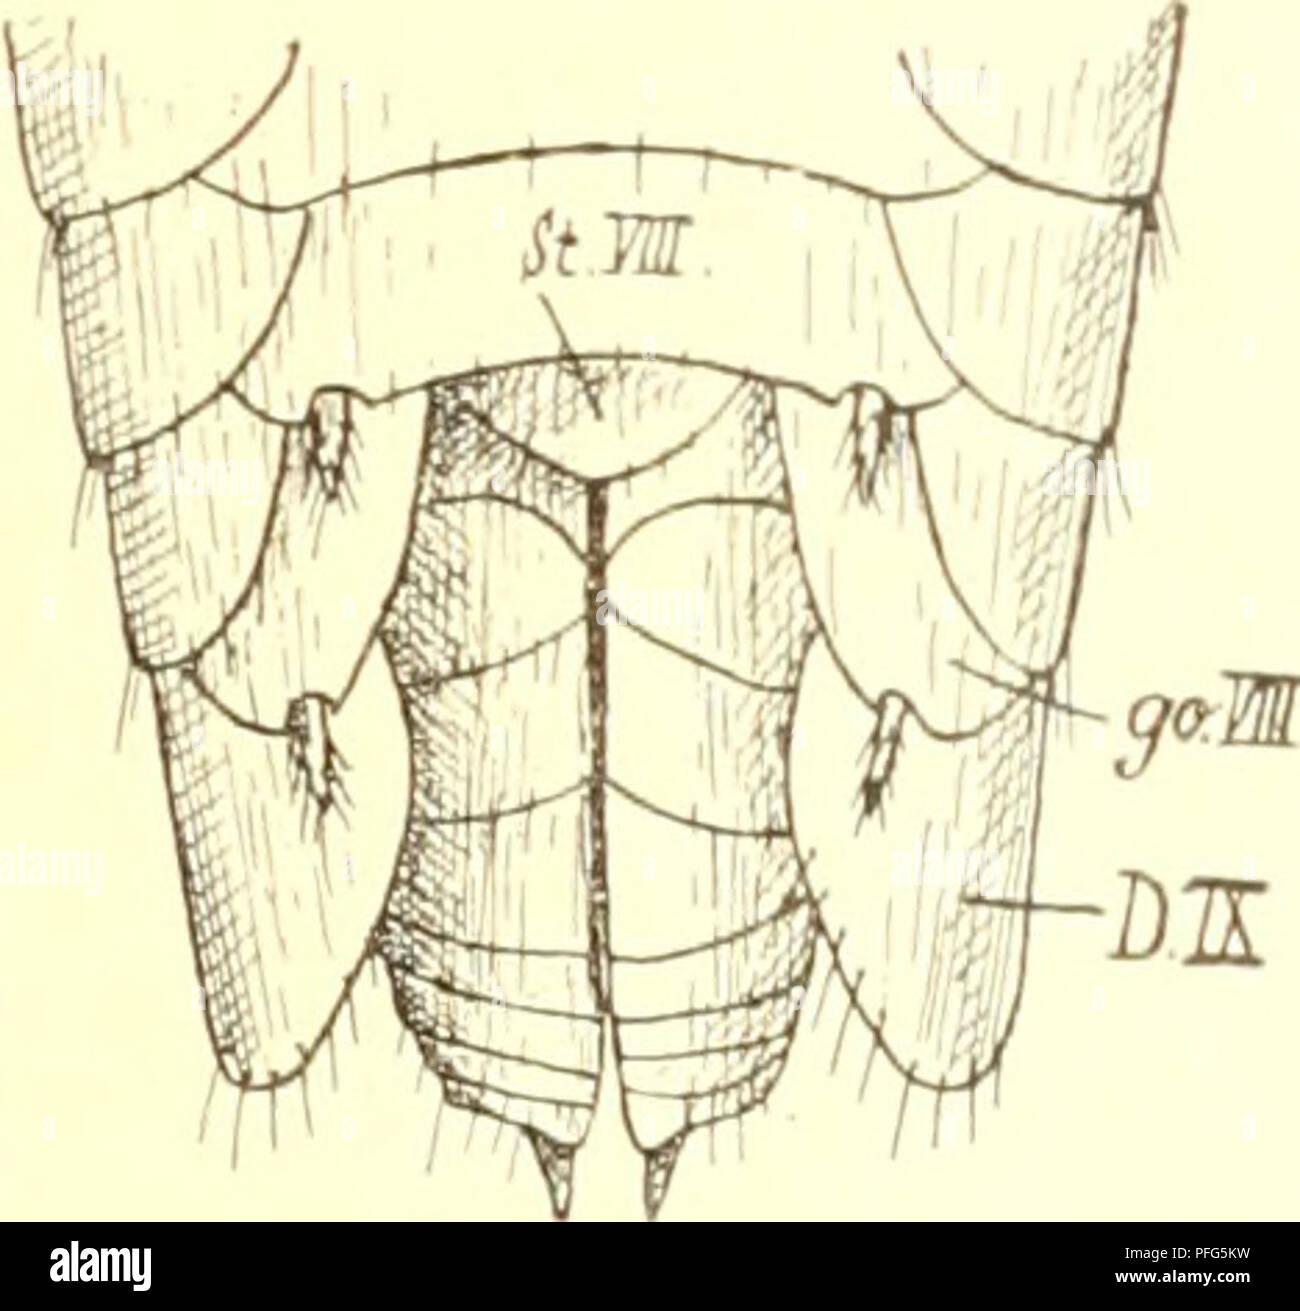 . Das system der lepismatiden. Lepismatidae; Thysanura. — 147 — deutlich gegliederten Ovipositor und die goldgelbe Färbung. Die nahe Verwandtscha sudanensis und wheeleri ist um so auffälliger, als beide bezüglich der Lebensweise und geo graphischen Verbreitung so sehr verschieden sind: erstere ist termitophil und äthiopisch letztere myrmecophil und nearktisch. Das einzige wurde von J. Trägardh zu Kaka Sud,m bei Termes natalensis 11.w gefangen. 5. Atelura desneuxi n. Fig. 66a—c.) Von Herrn Desneux-Brüssel wurde mir eine termitophile Atelura aus Java in gn Anzahl eingesandt, welche sich durch me - Stock Image